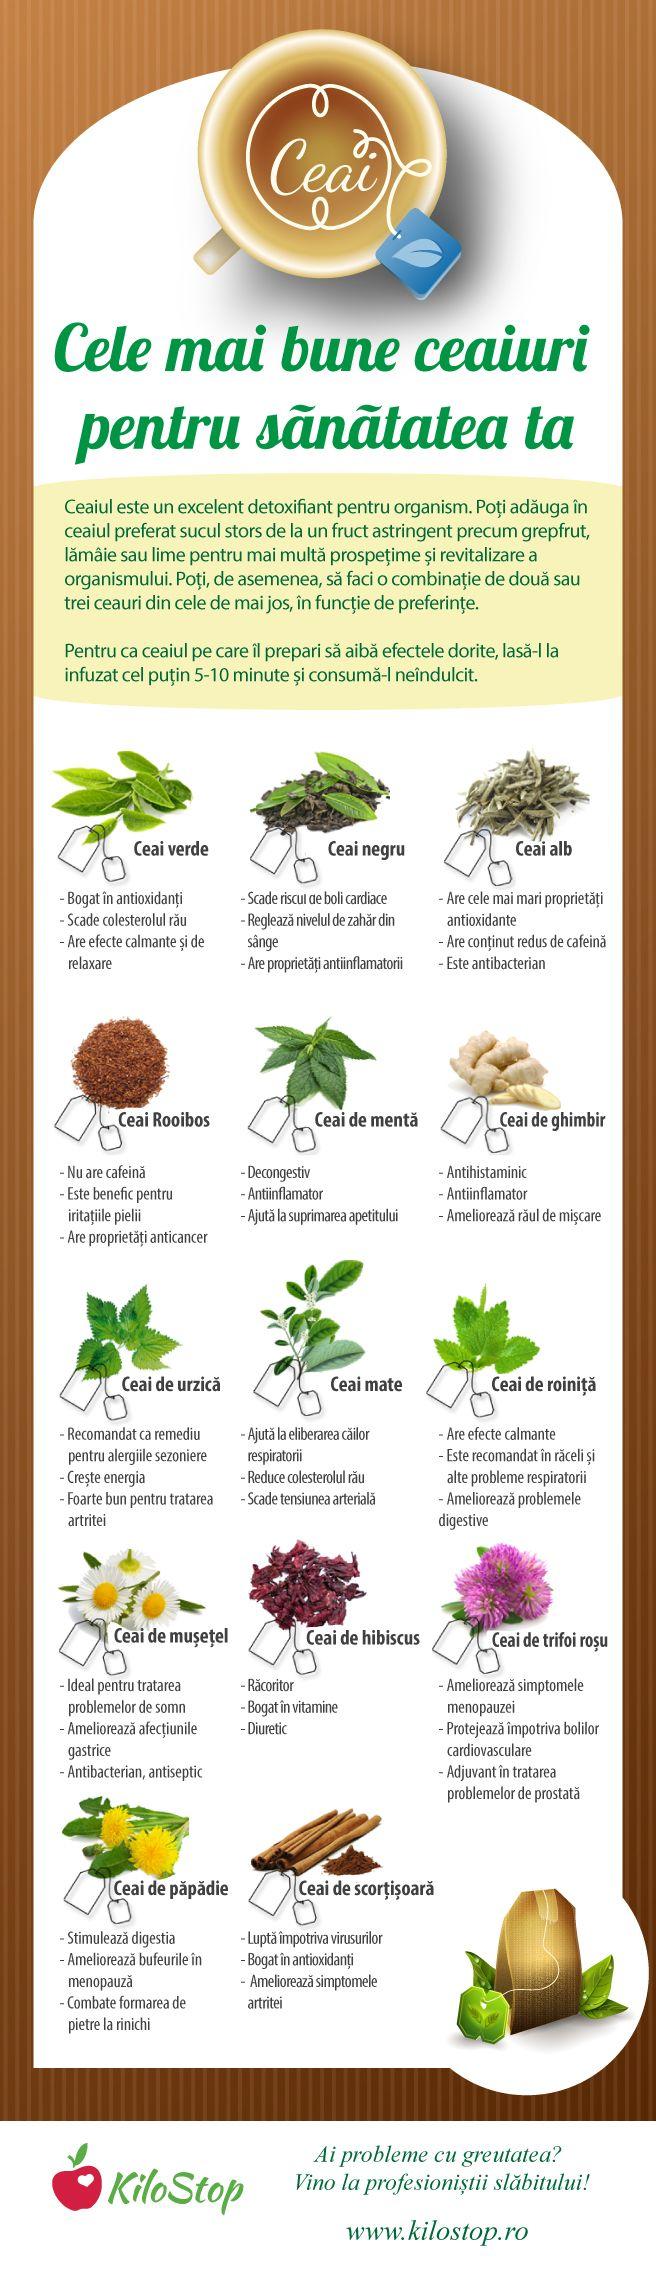 Ceaiurile sunt o sursă excelentă de detoxifiere. Pe lângă asta, unele dintre ele au proprietăți terapeutice uimitoare. Află care sunt acestea. #detox #ceai #ceaiuri